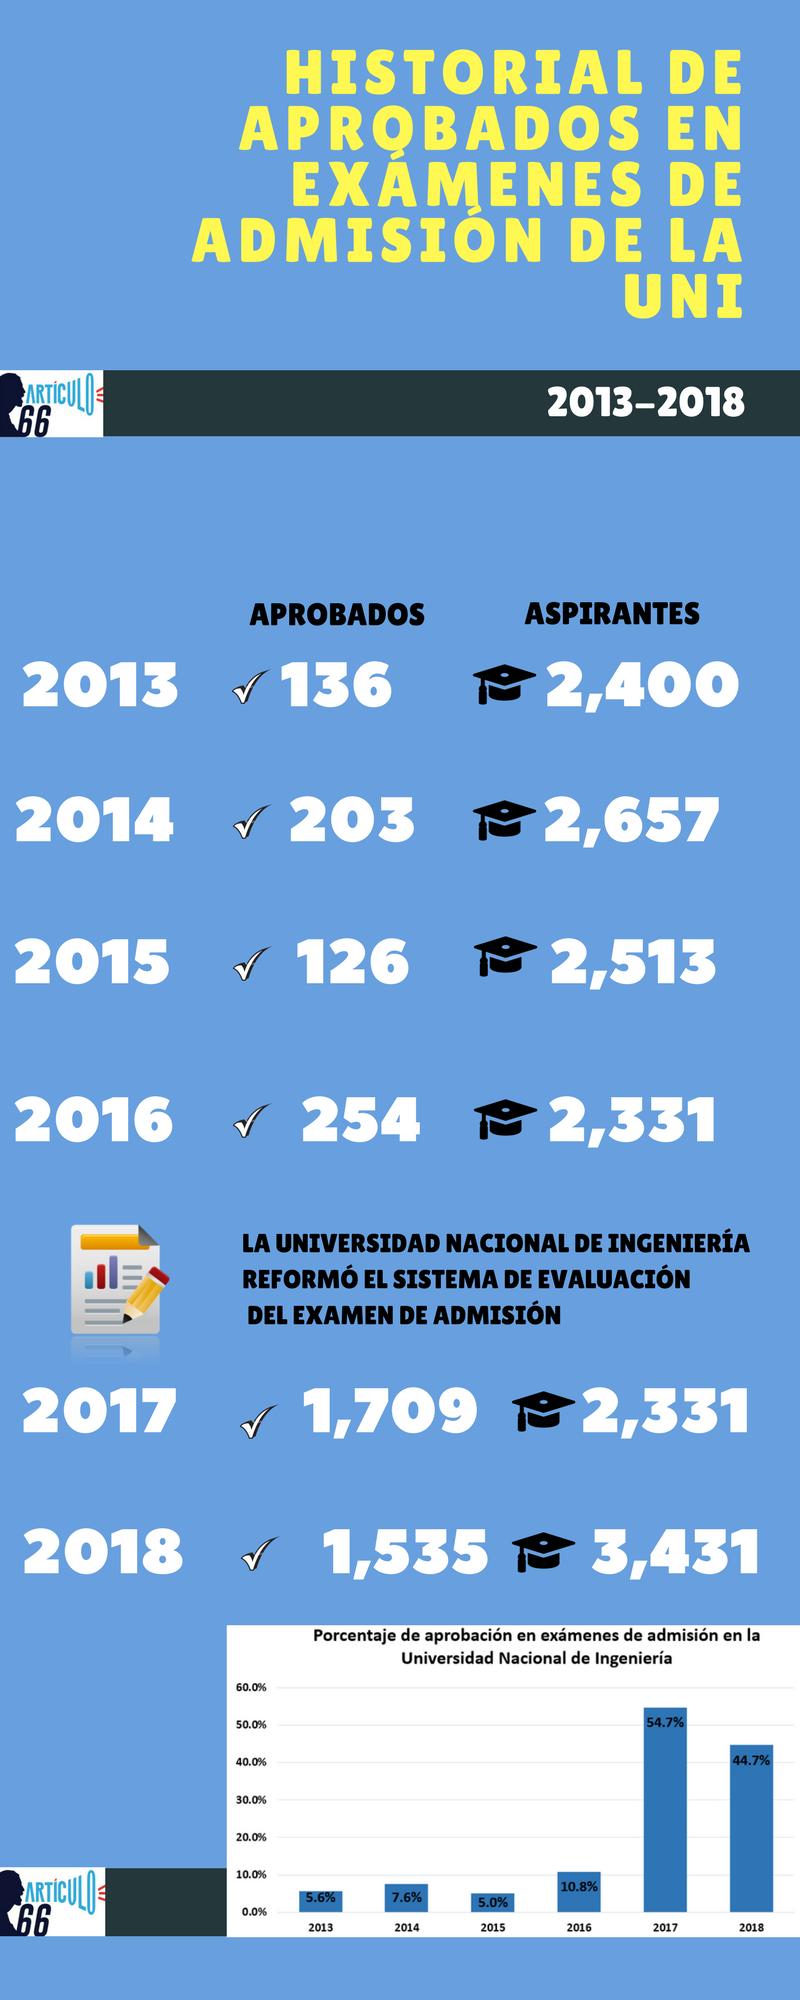 Historial de aprobados en examen de admisión de la UNI. Inforgrafía: A.Cruz